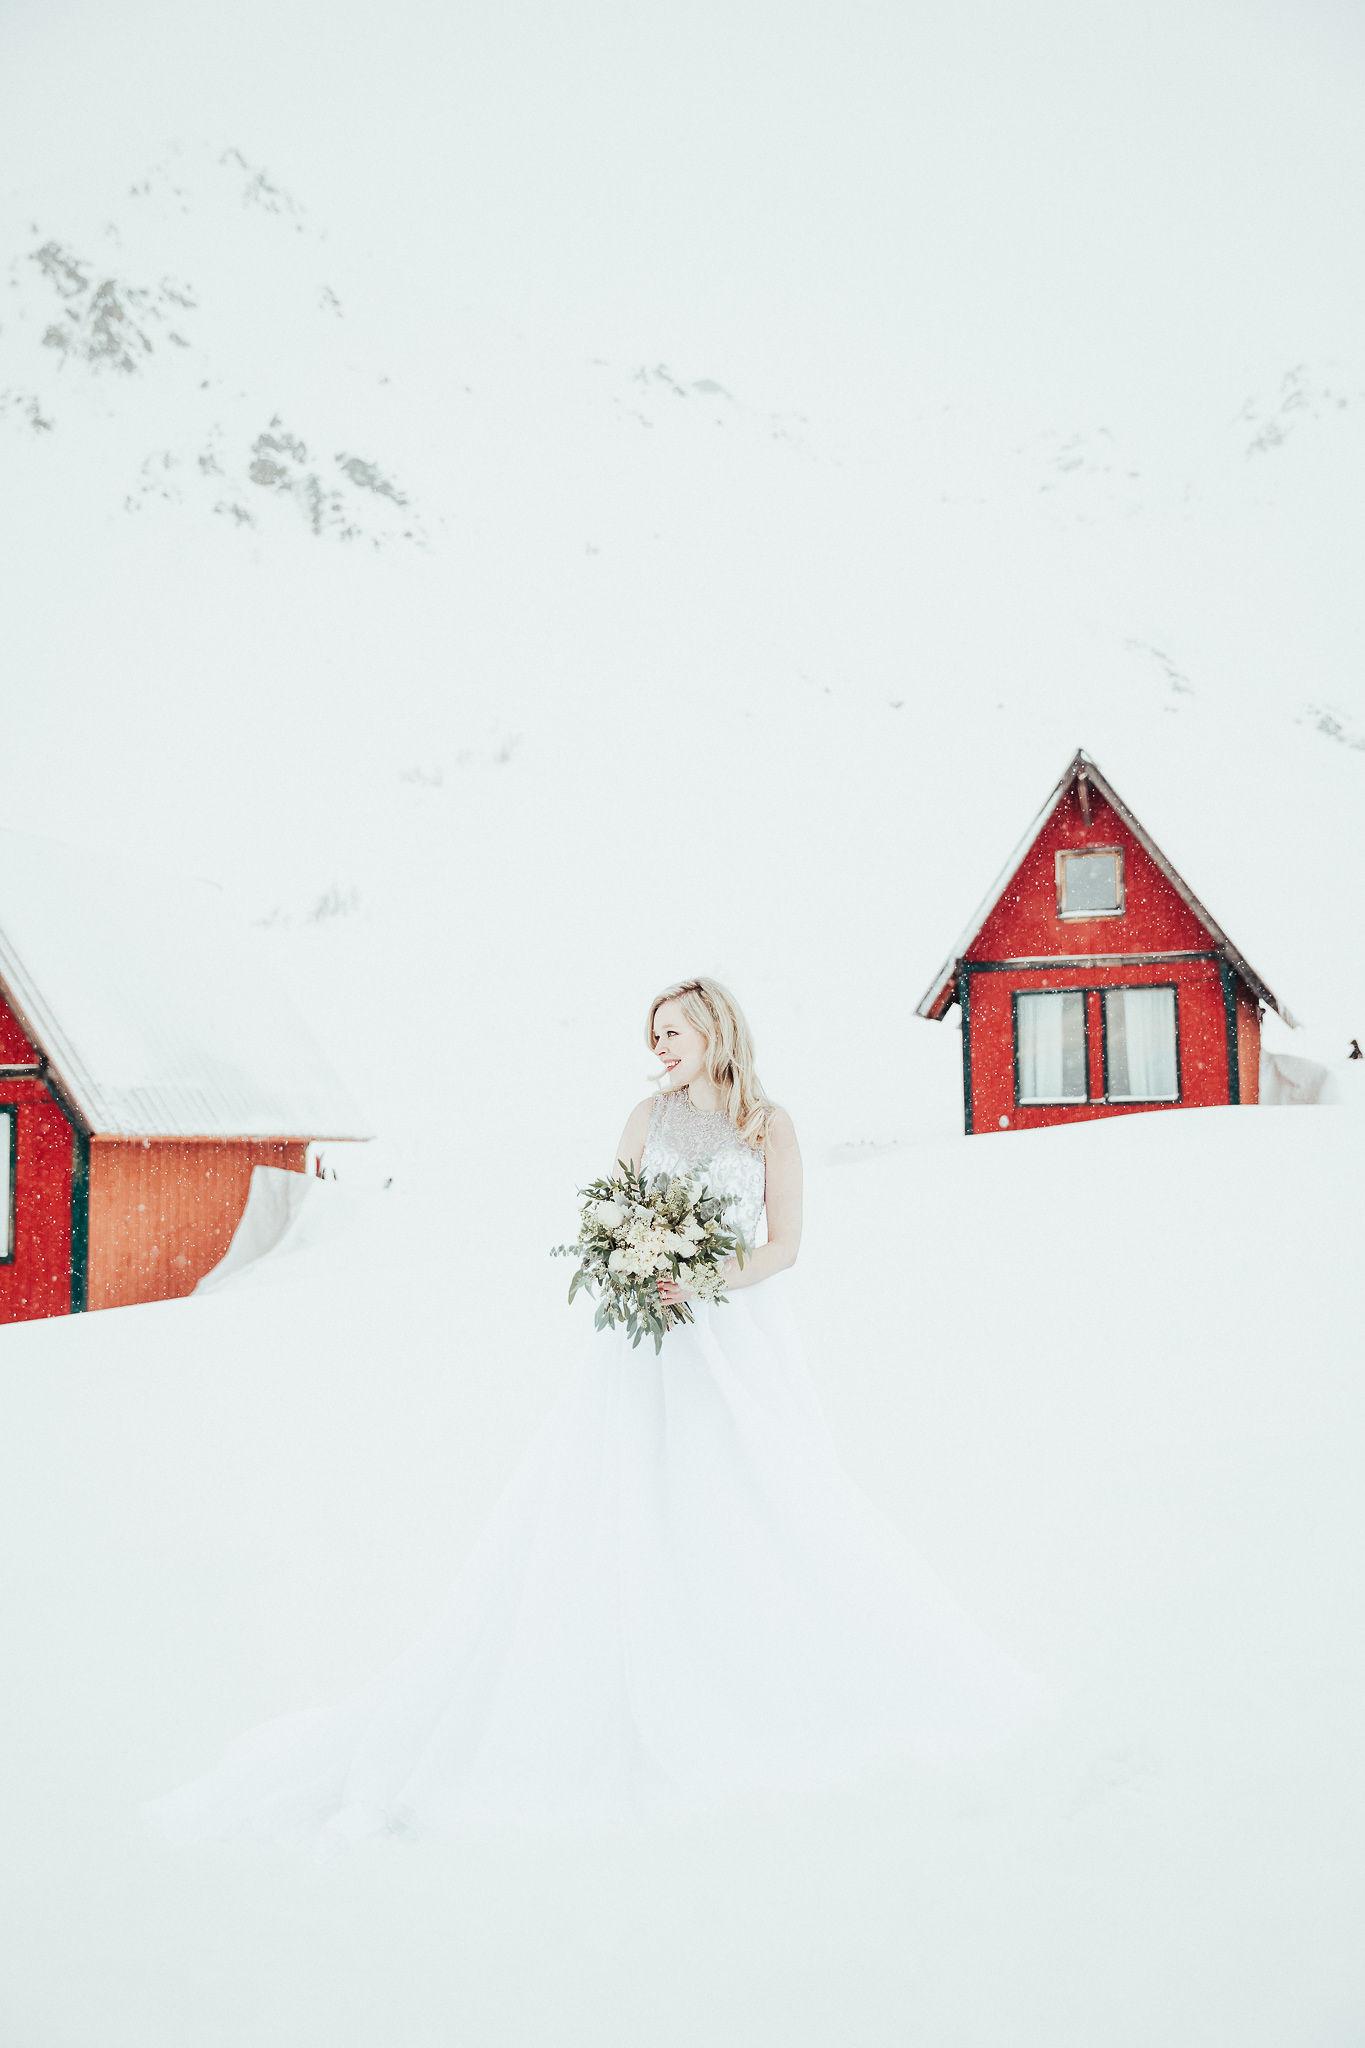 Anderson's Bride Anchorage Alaska Winter Wedding